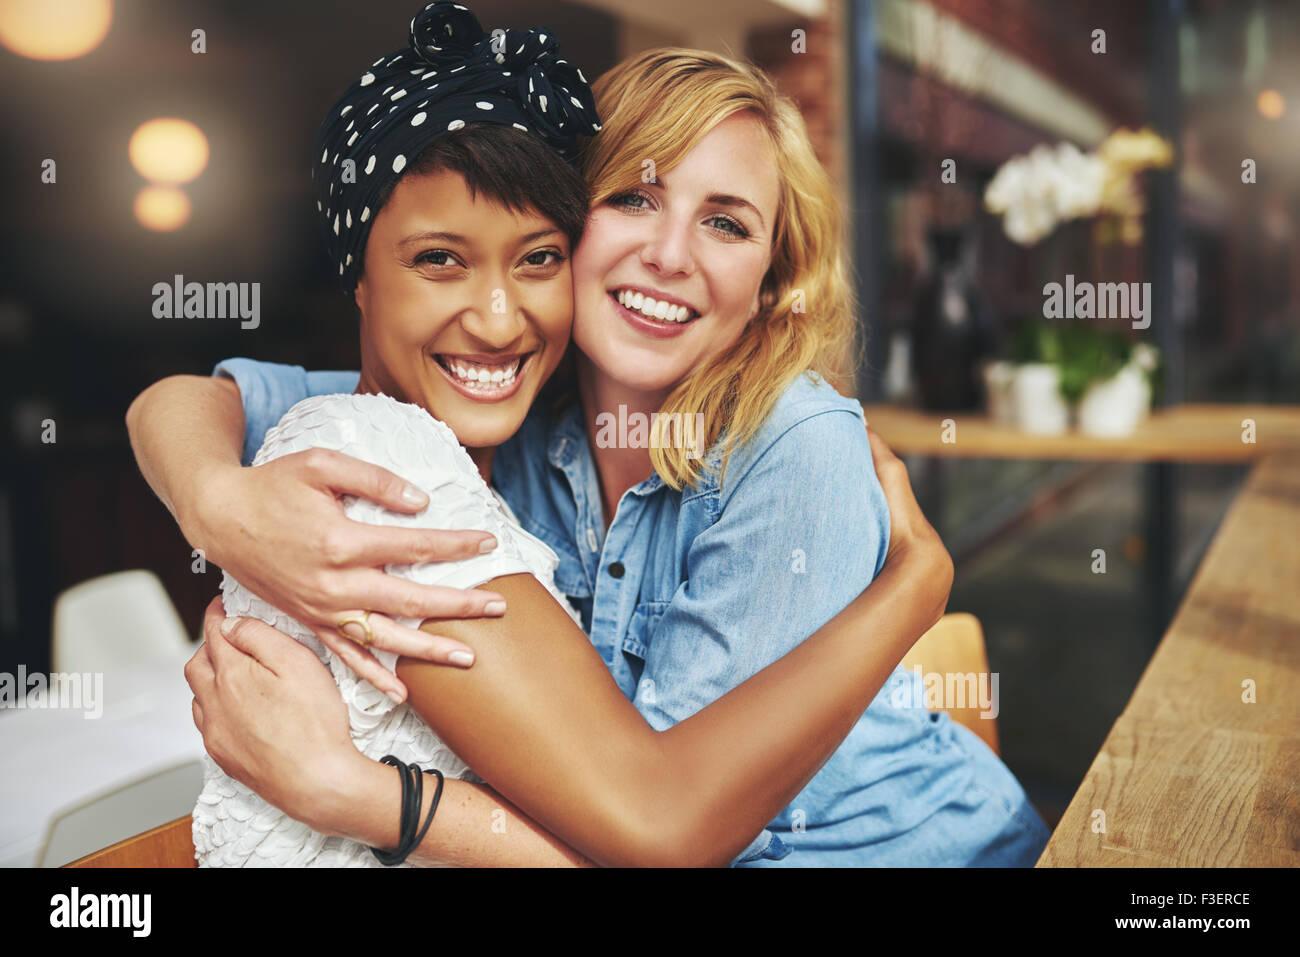 Zwei glückliche liebevolle junge Frau umarmen einander in einer engen Umarmung beim Lachen und Lächeln, Stockbild